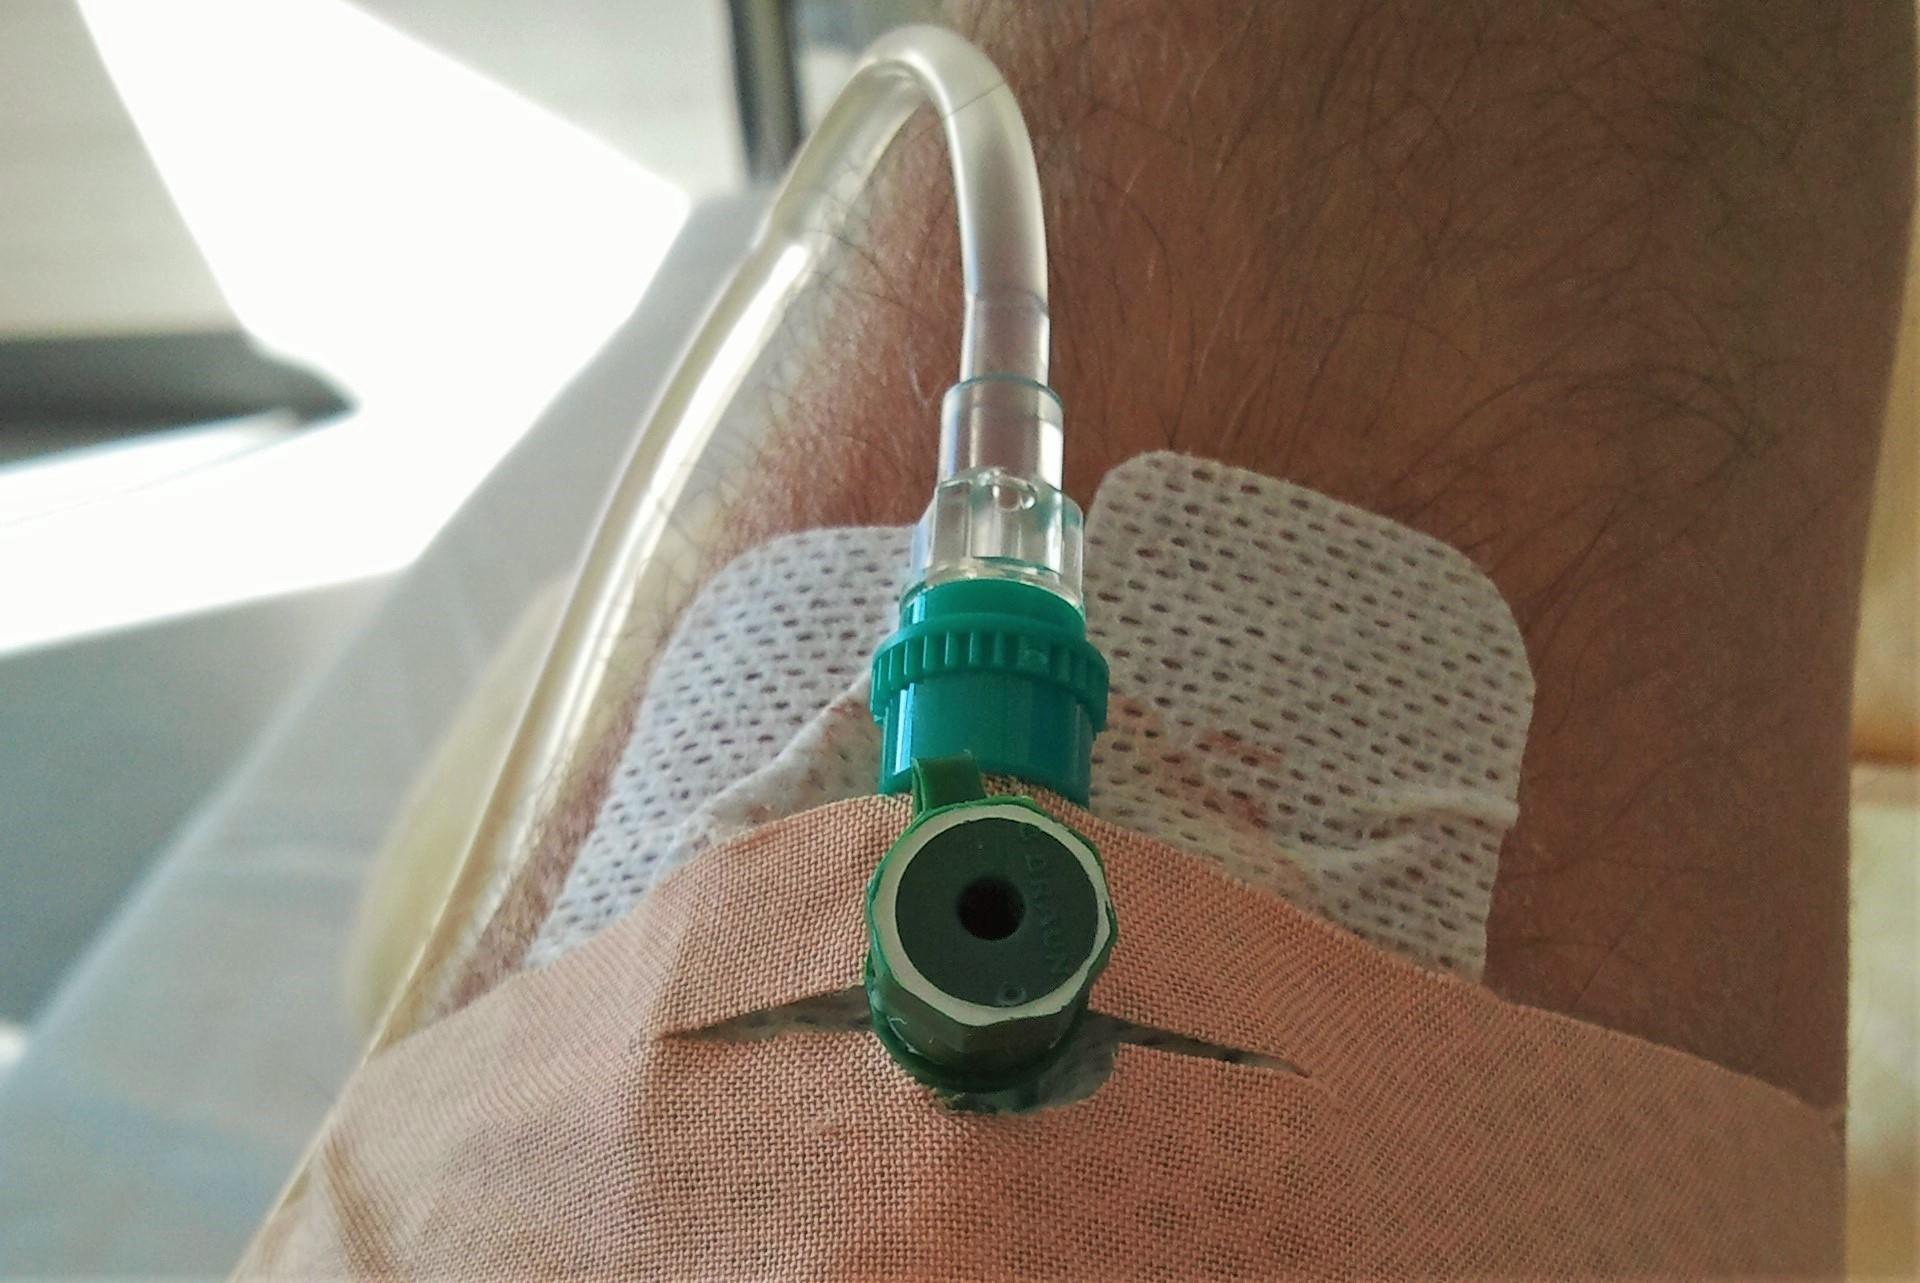 Krankenhaus Berichte eines Verunfallten